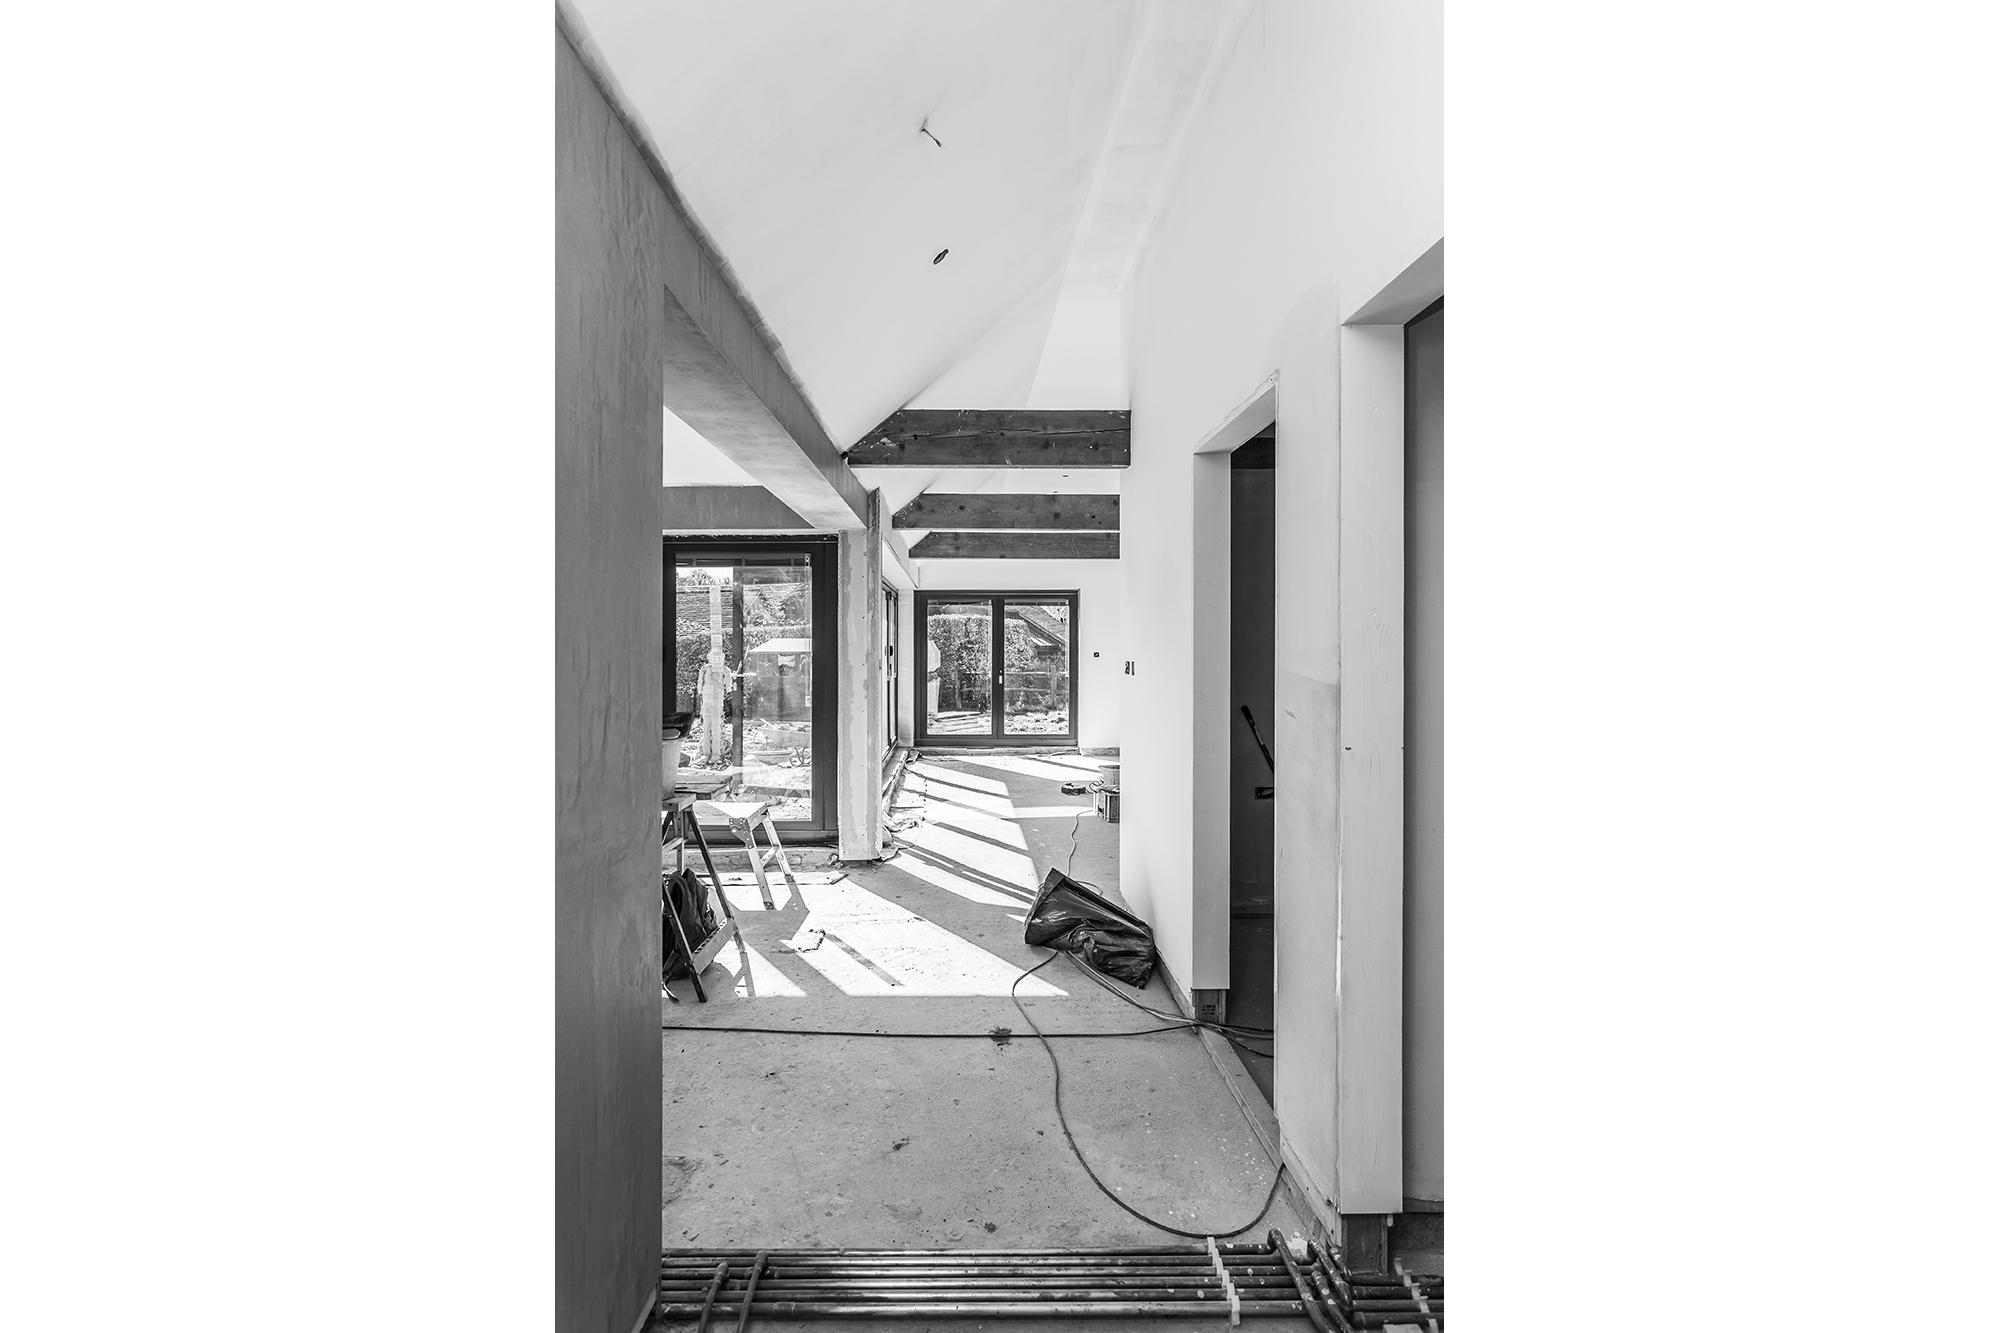 Hamsland_Construction2__56.jpg